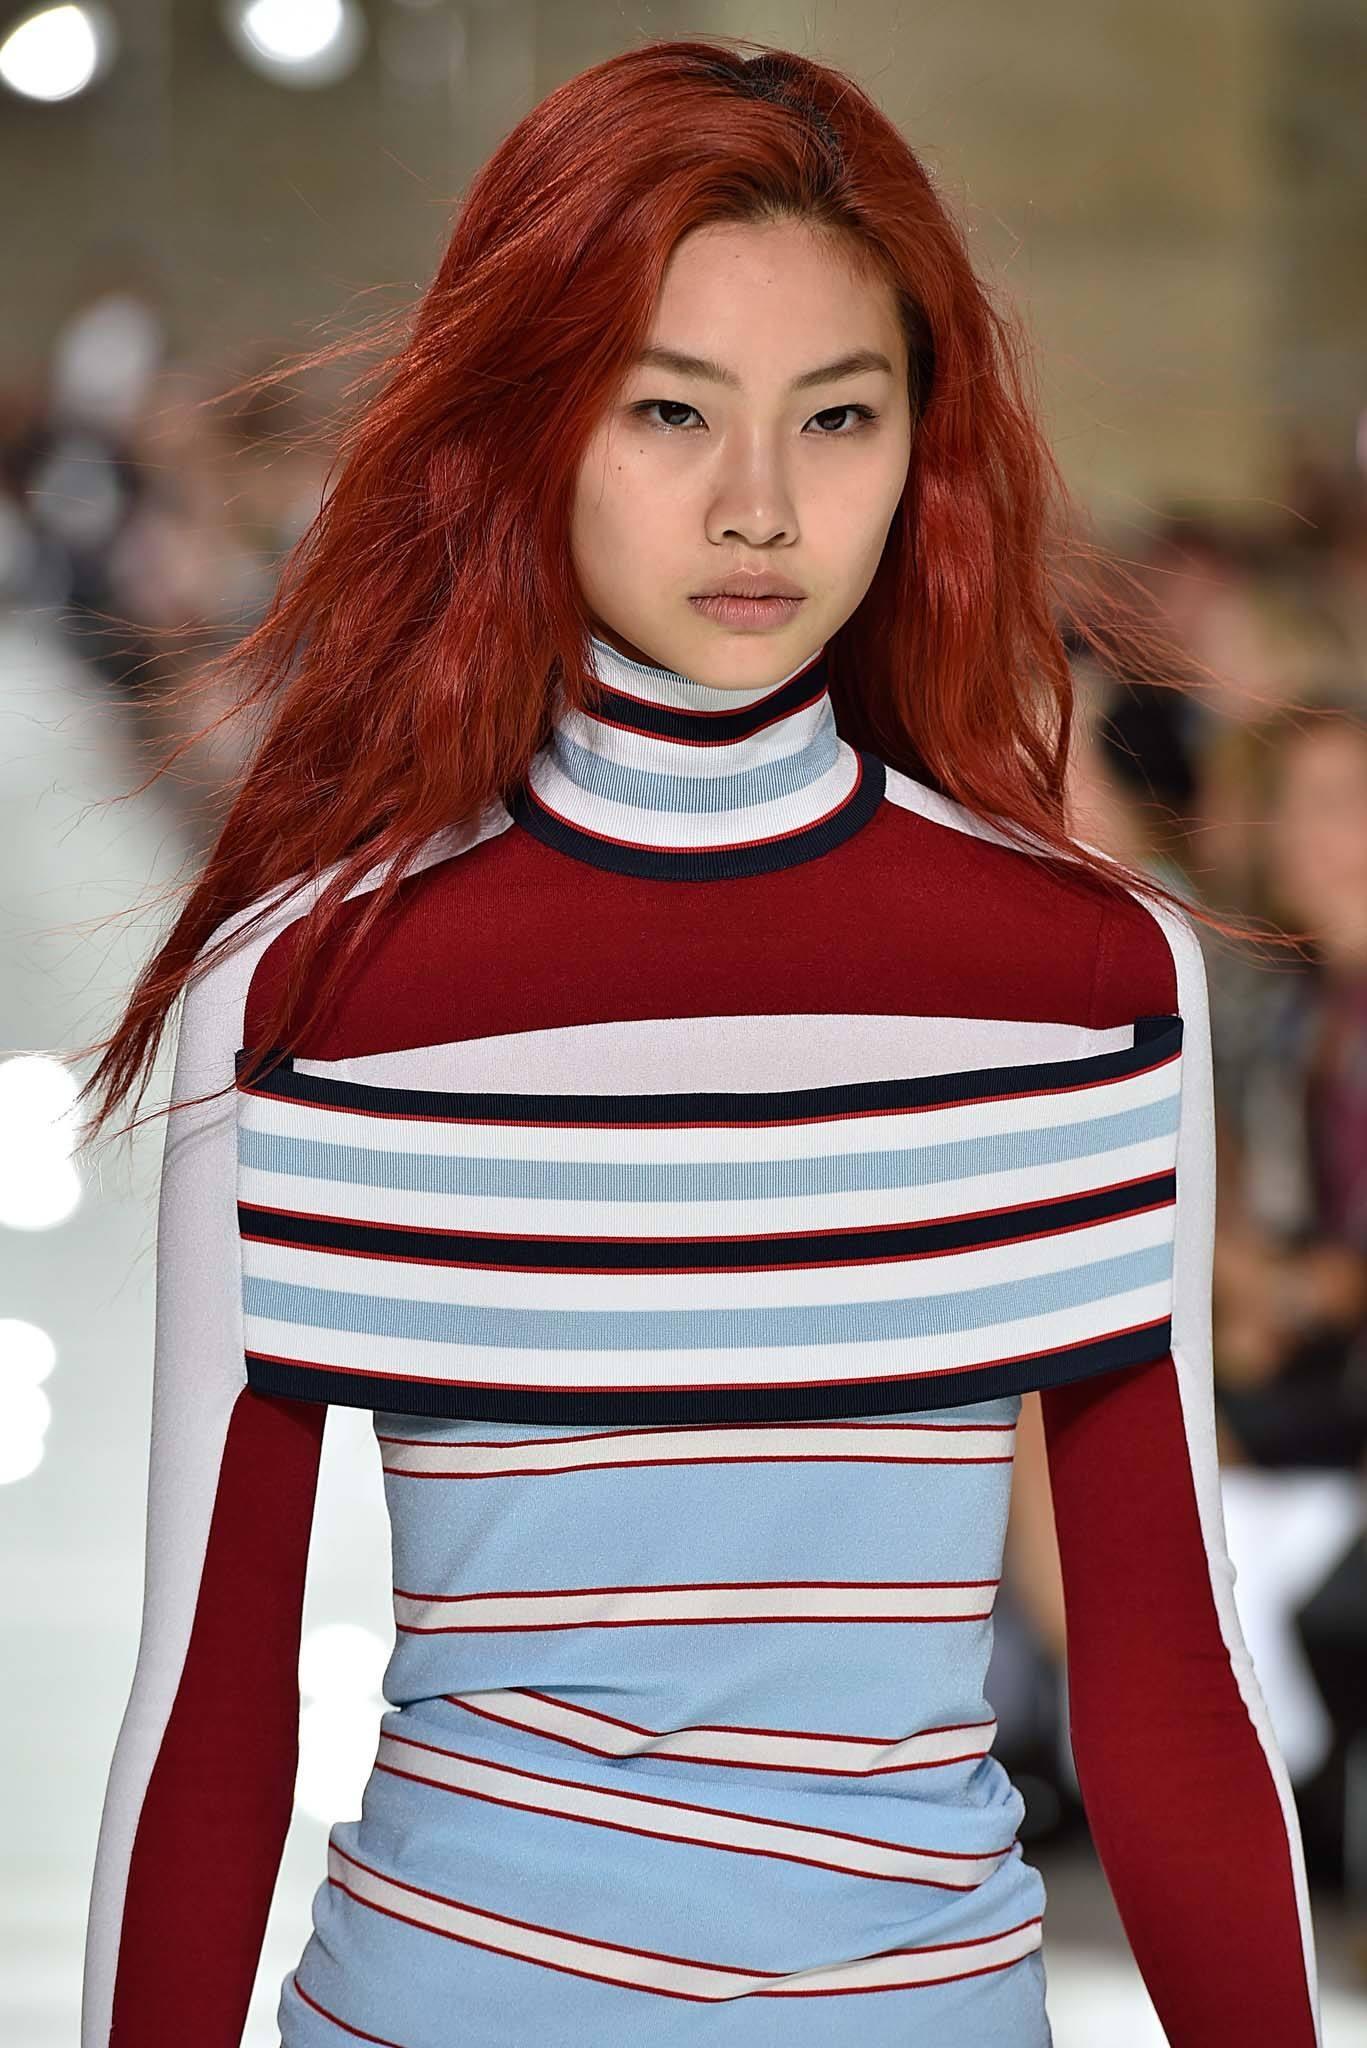 Modèle sur la piste avec de longs cheveux roux ébouriffés portant une tenue rayée au SS18 de Louis Vuitton.